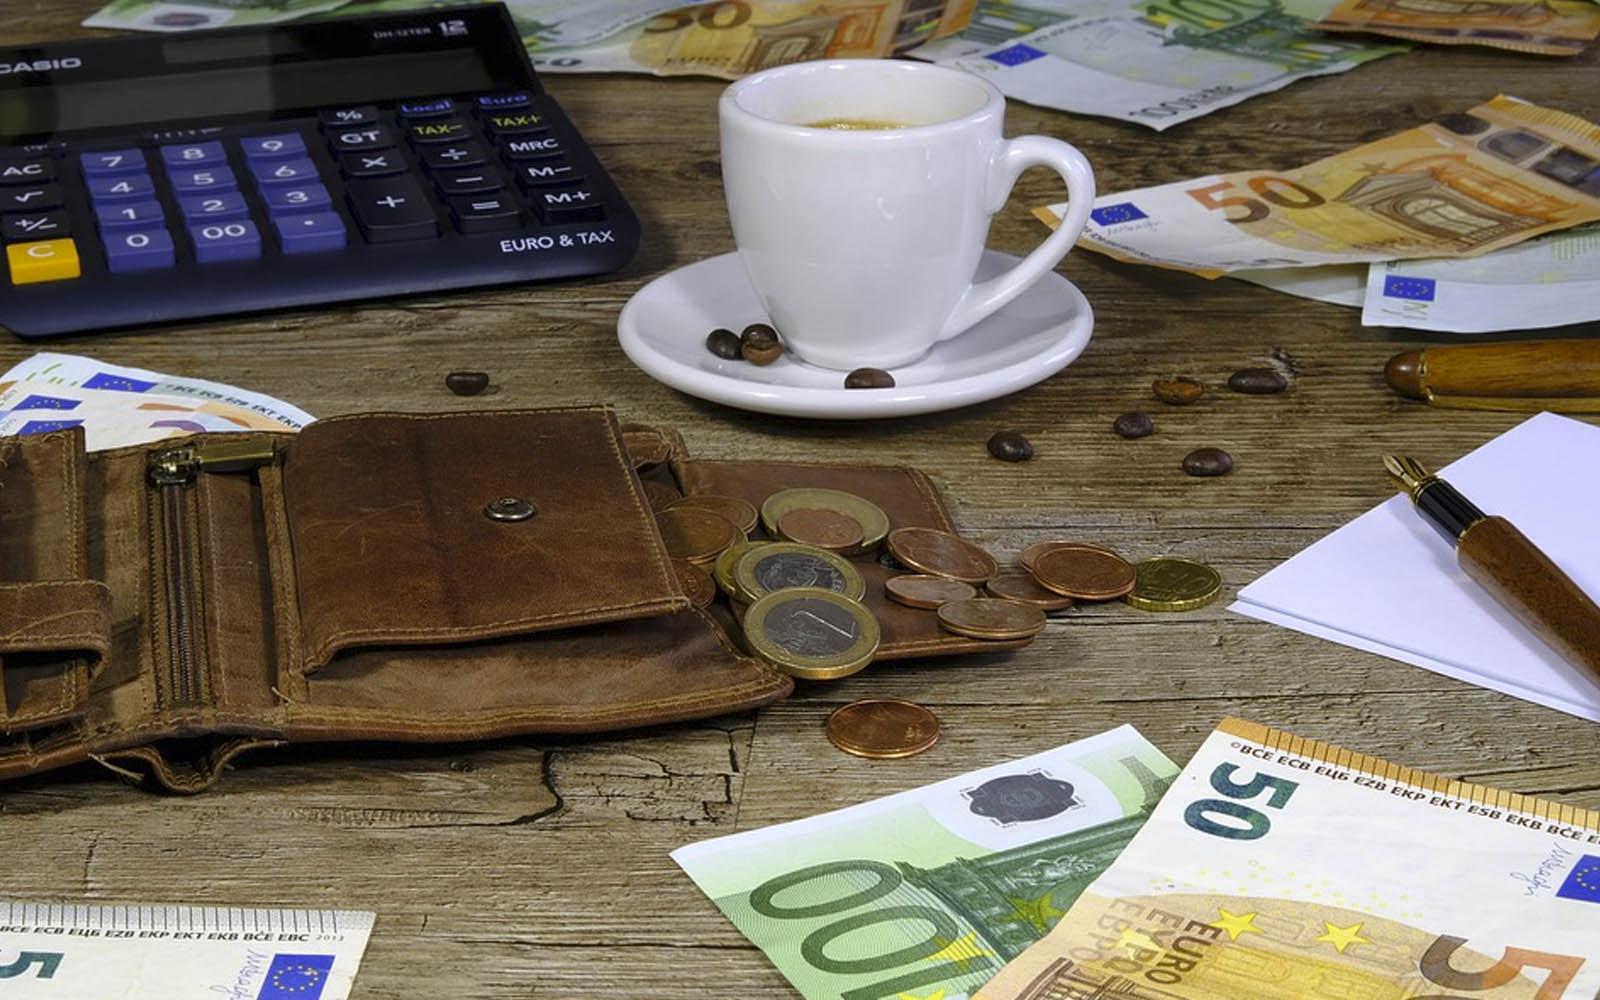 22 sencillos trucos para ahorrar dinero a corto plazo y - Trucos ahorrar dinero ...